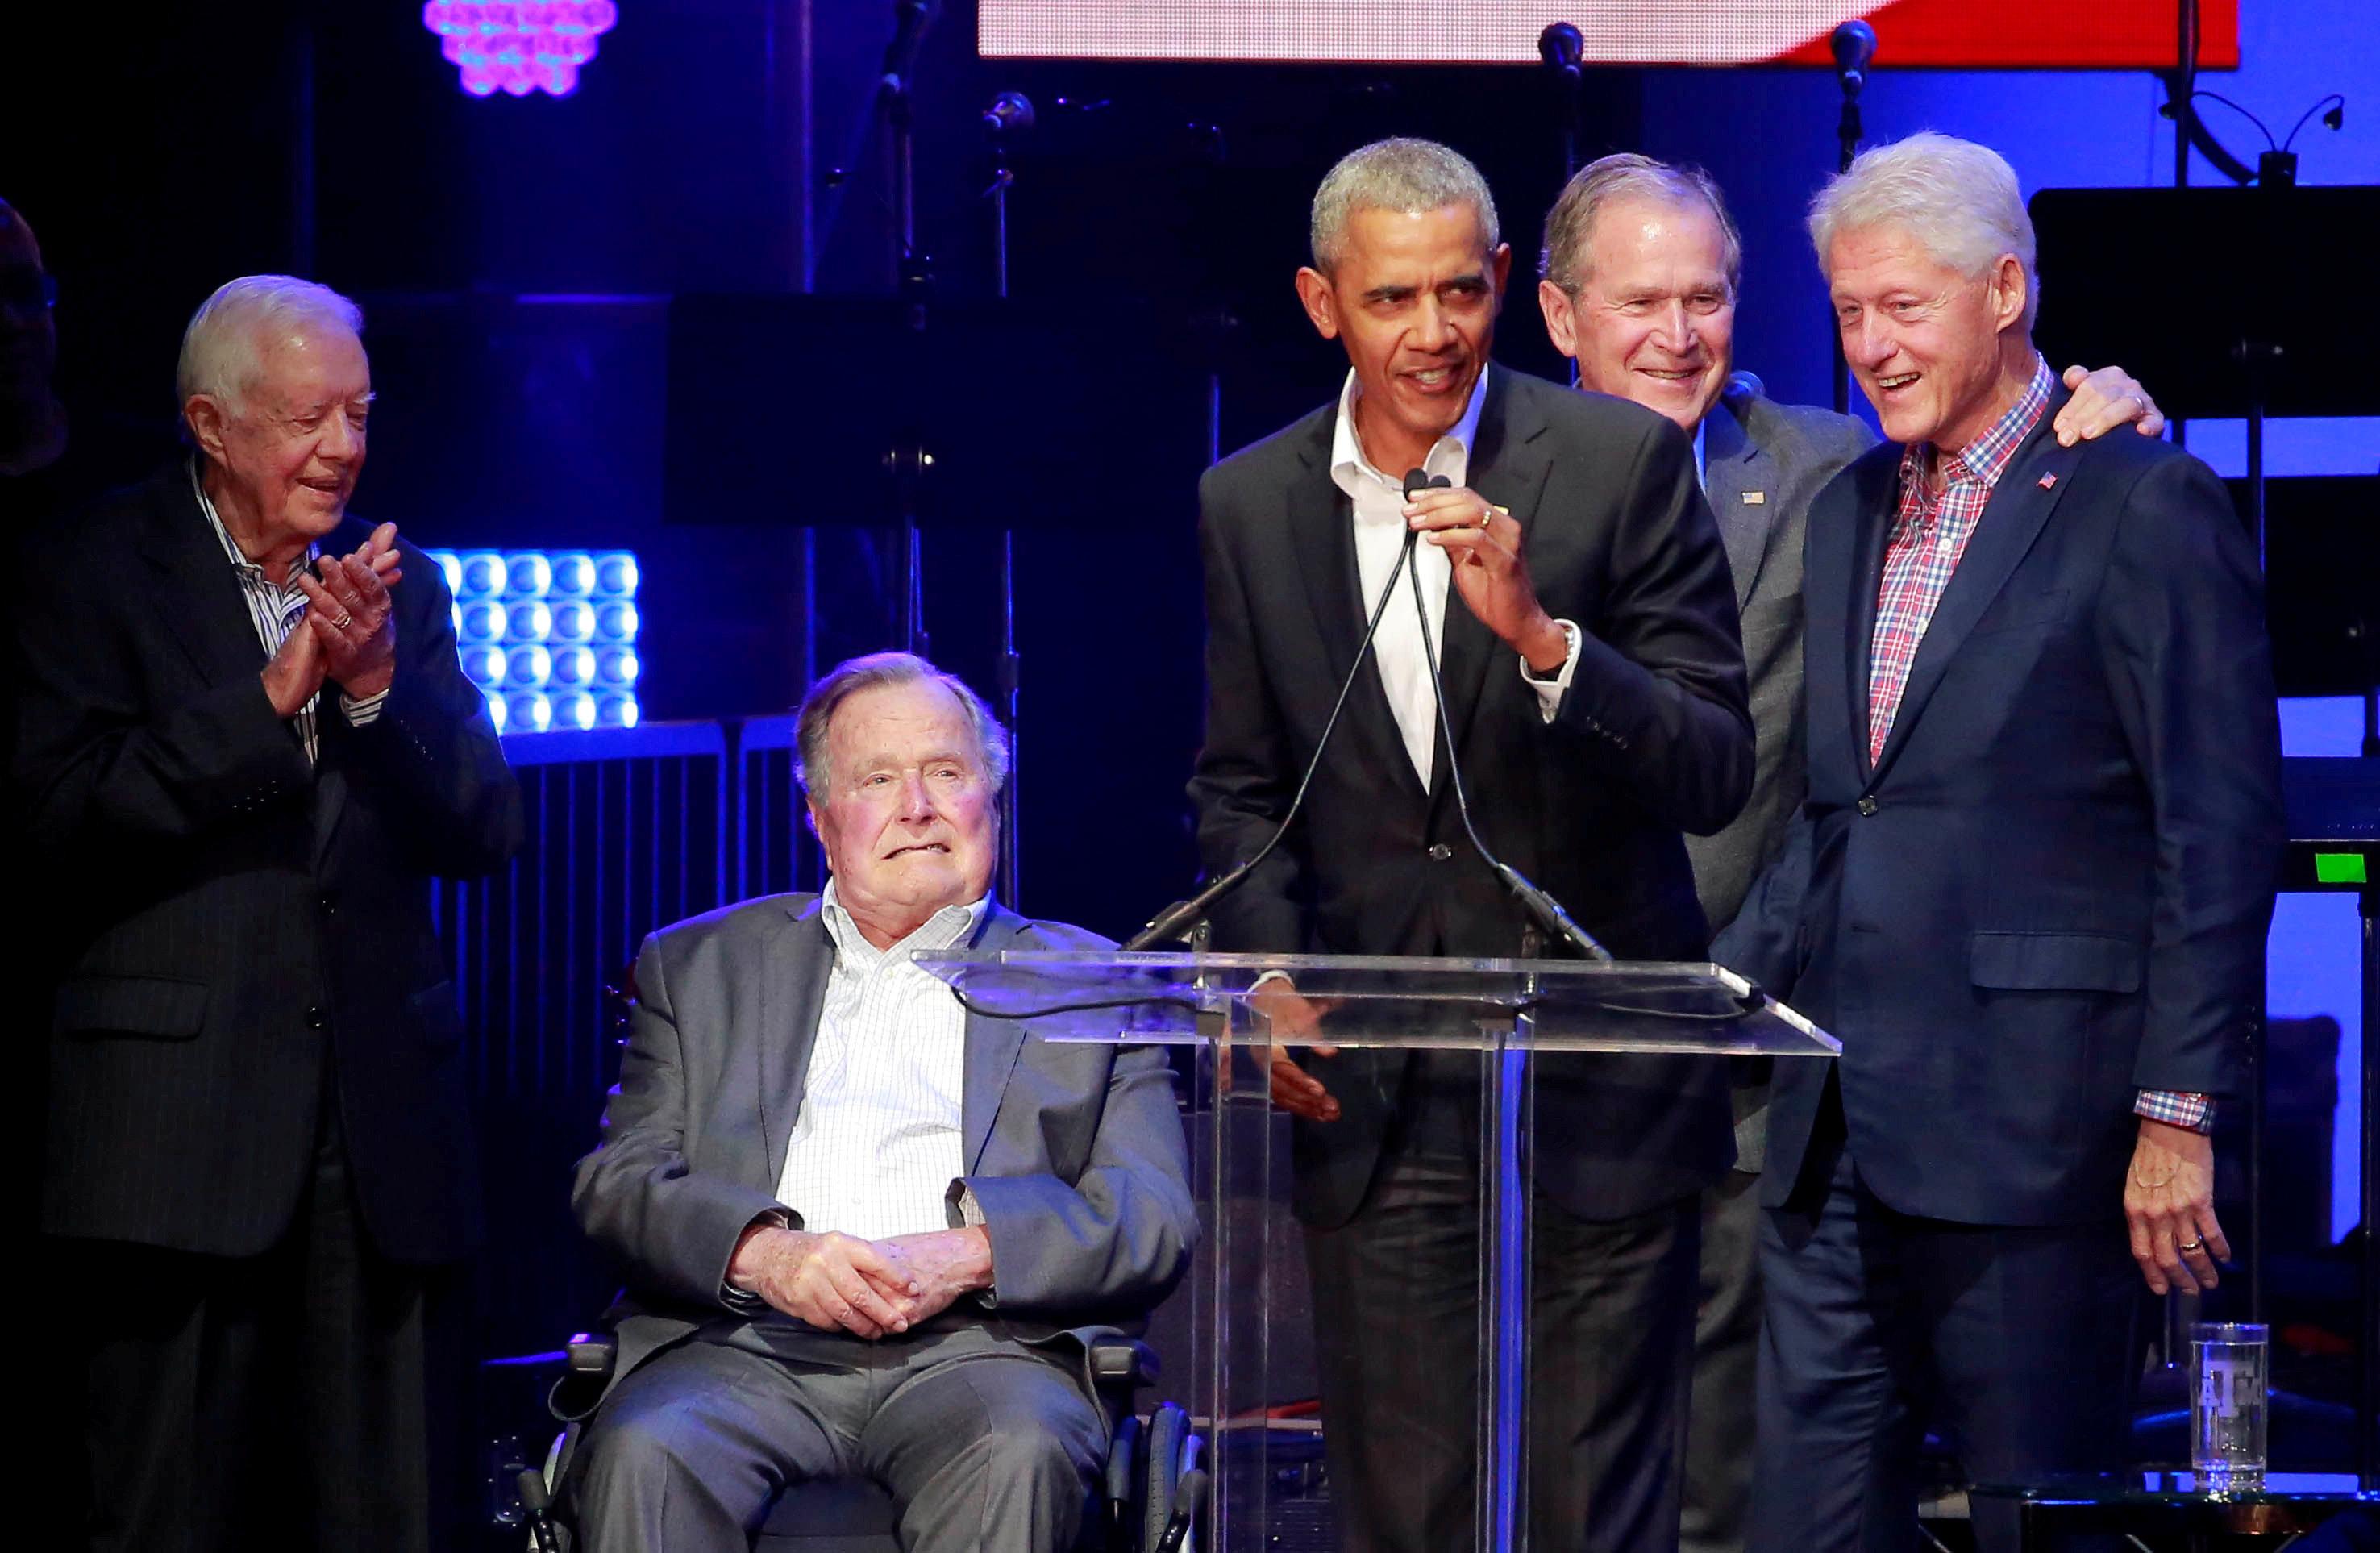 خمسة رؤساء أمريكيين